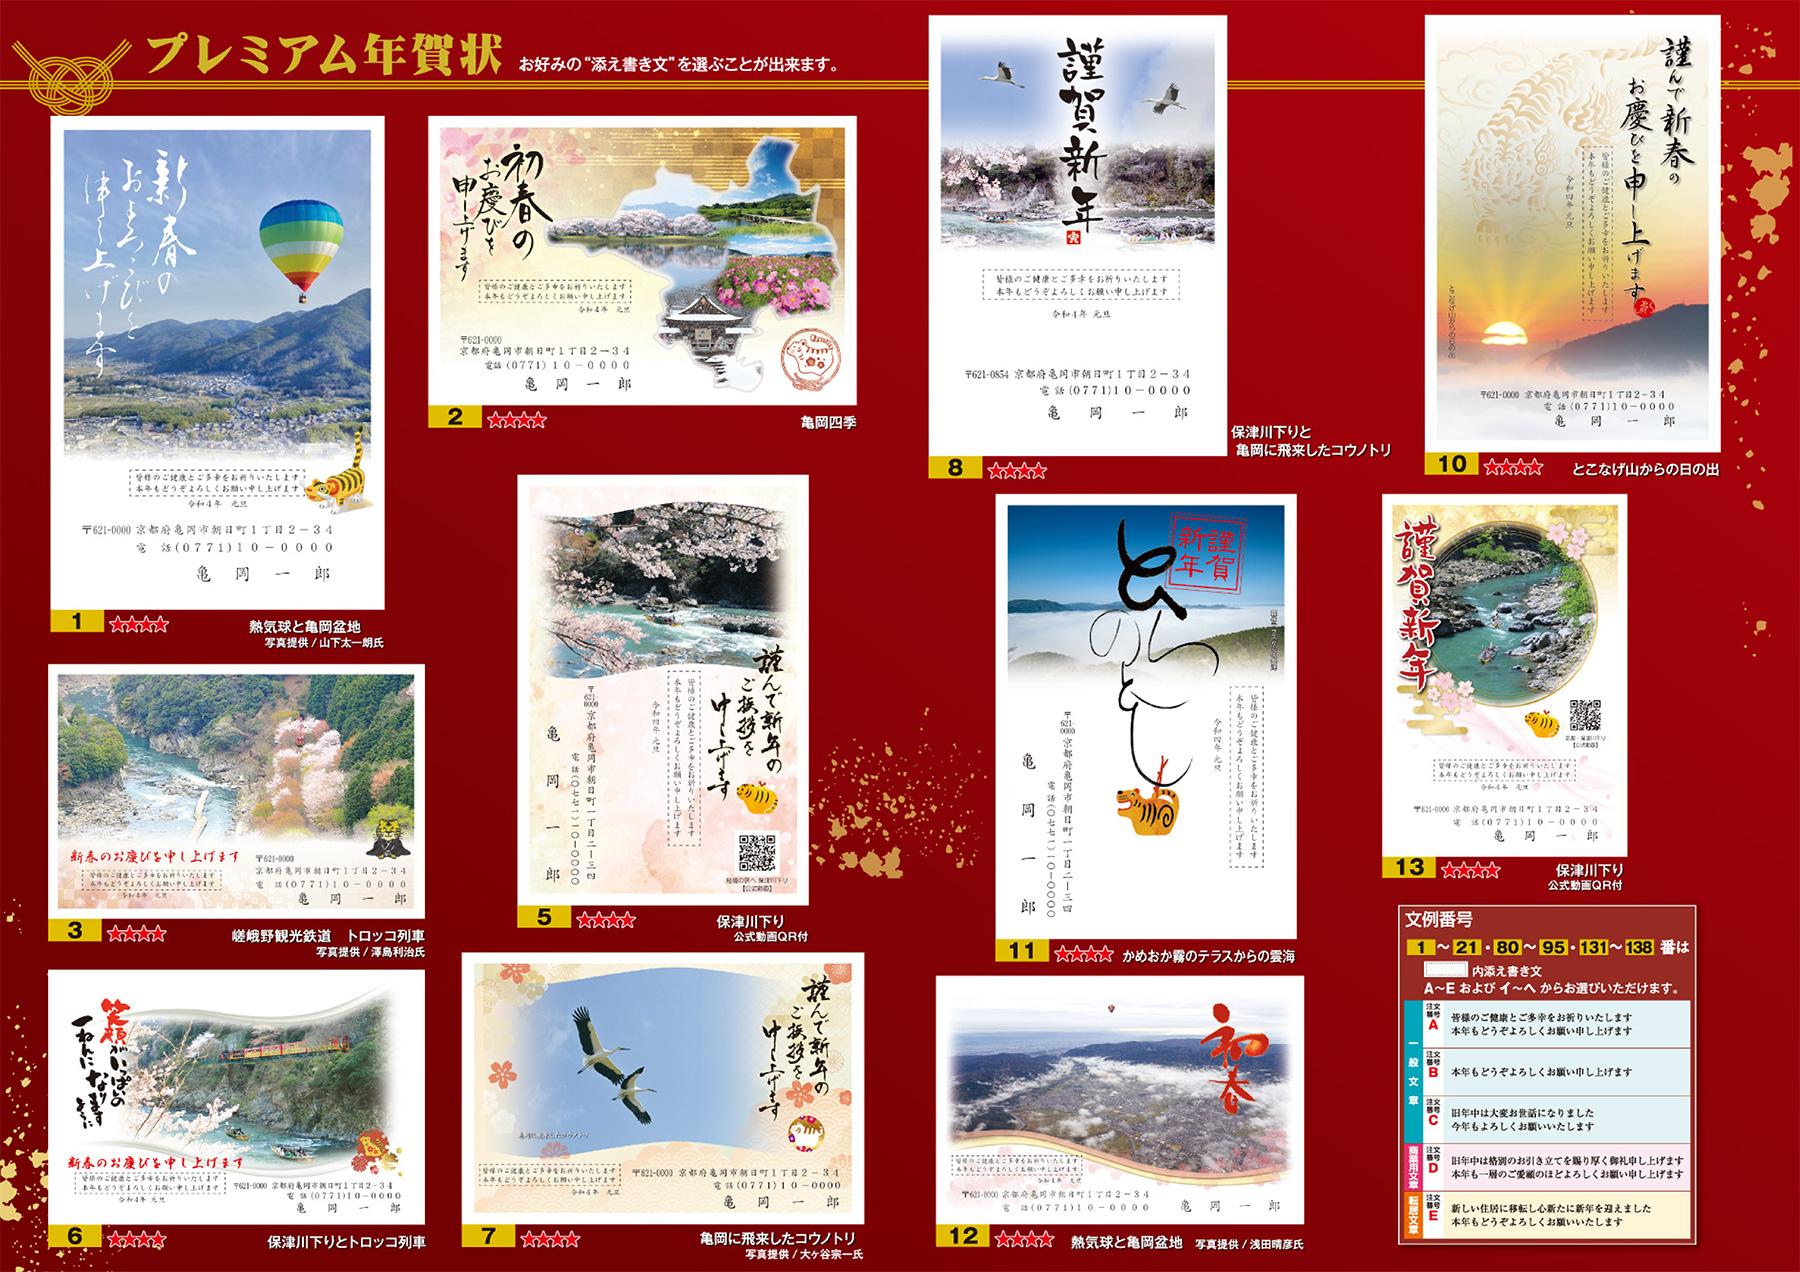 亀岡の雄大な景色を収録したプレミアム年賀状01